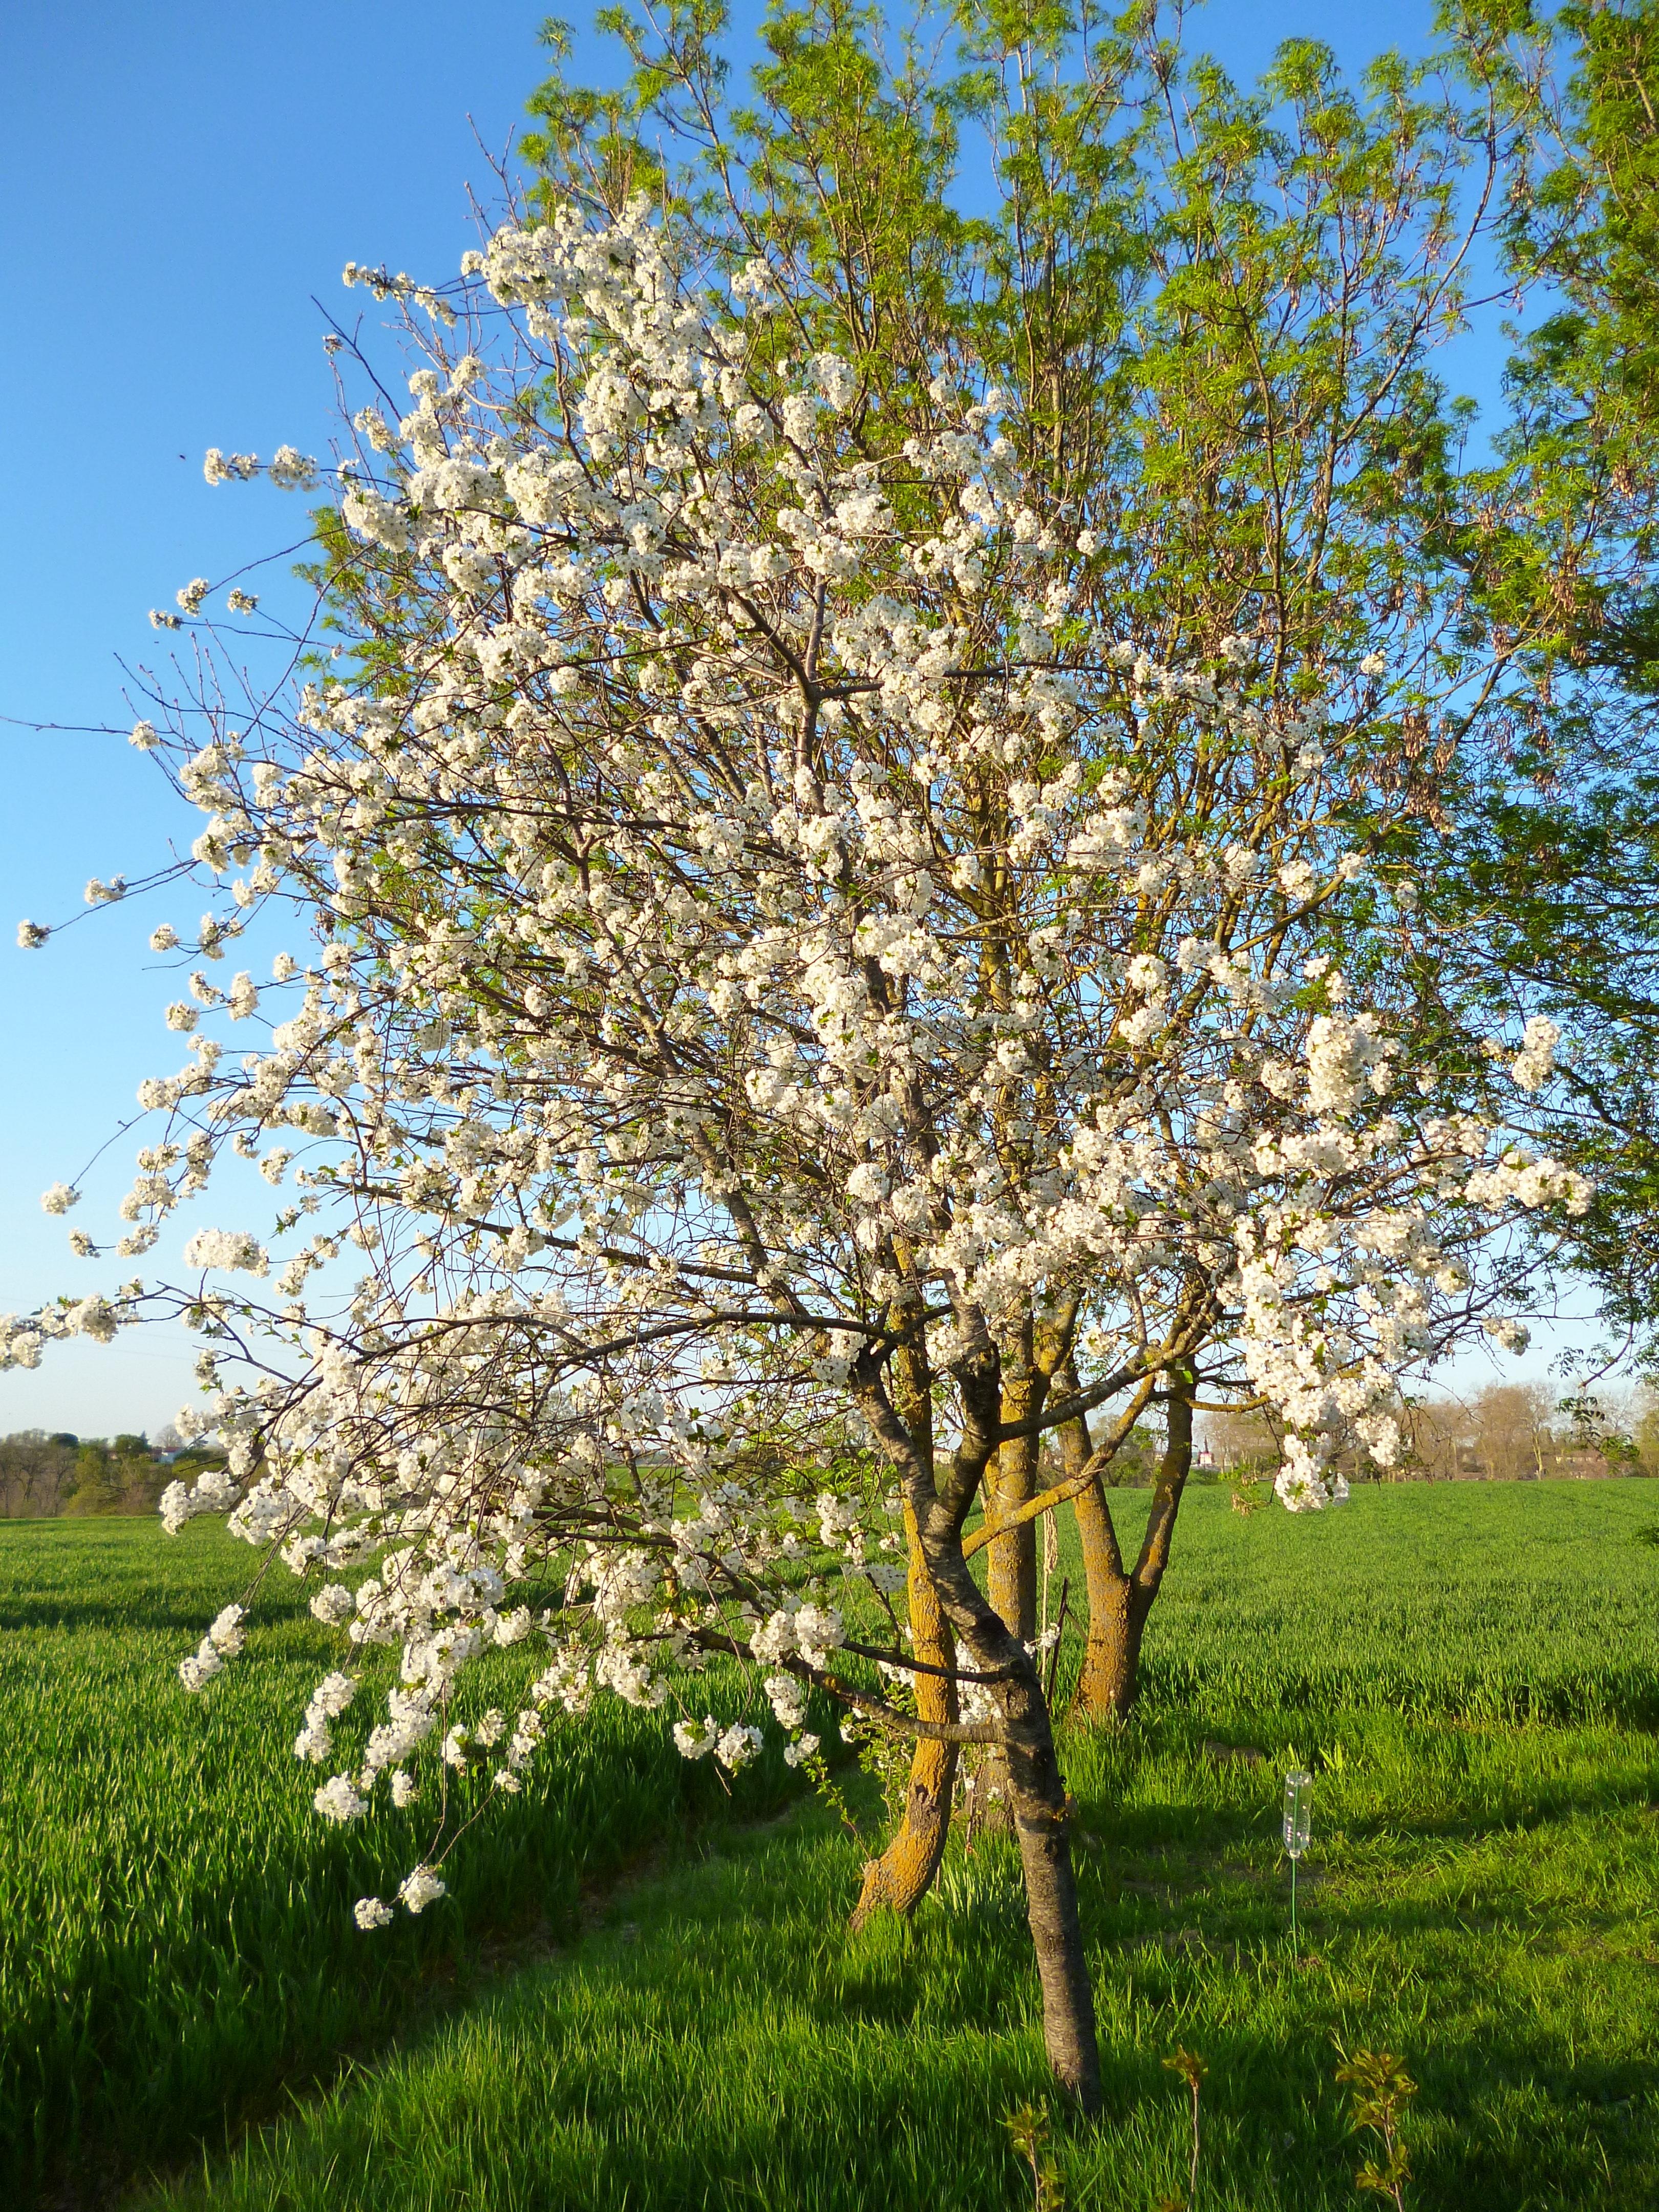 Piante Da Frutto Sempreverdi immagini belle : natura, ramo, fiorire, fiore, cibo